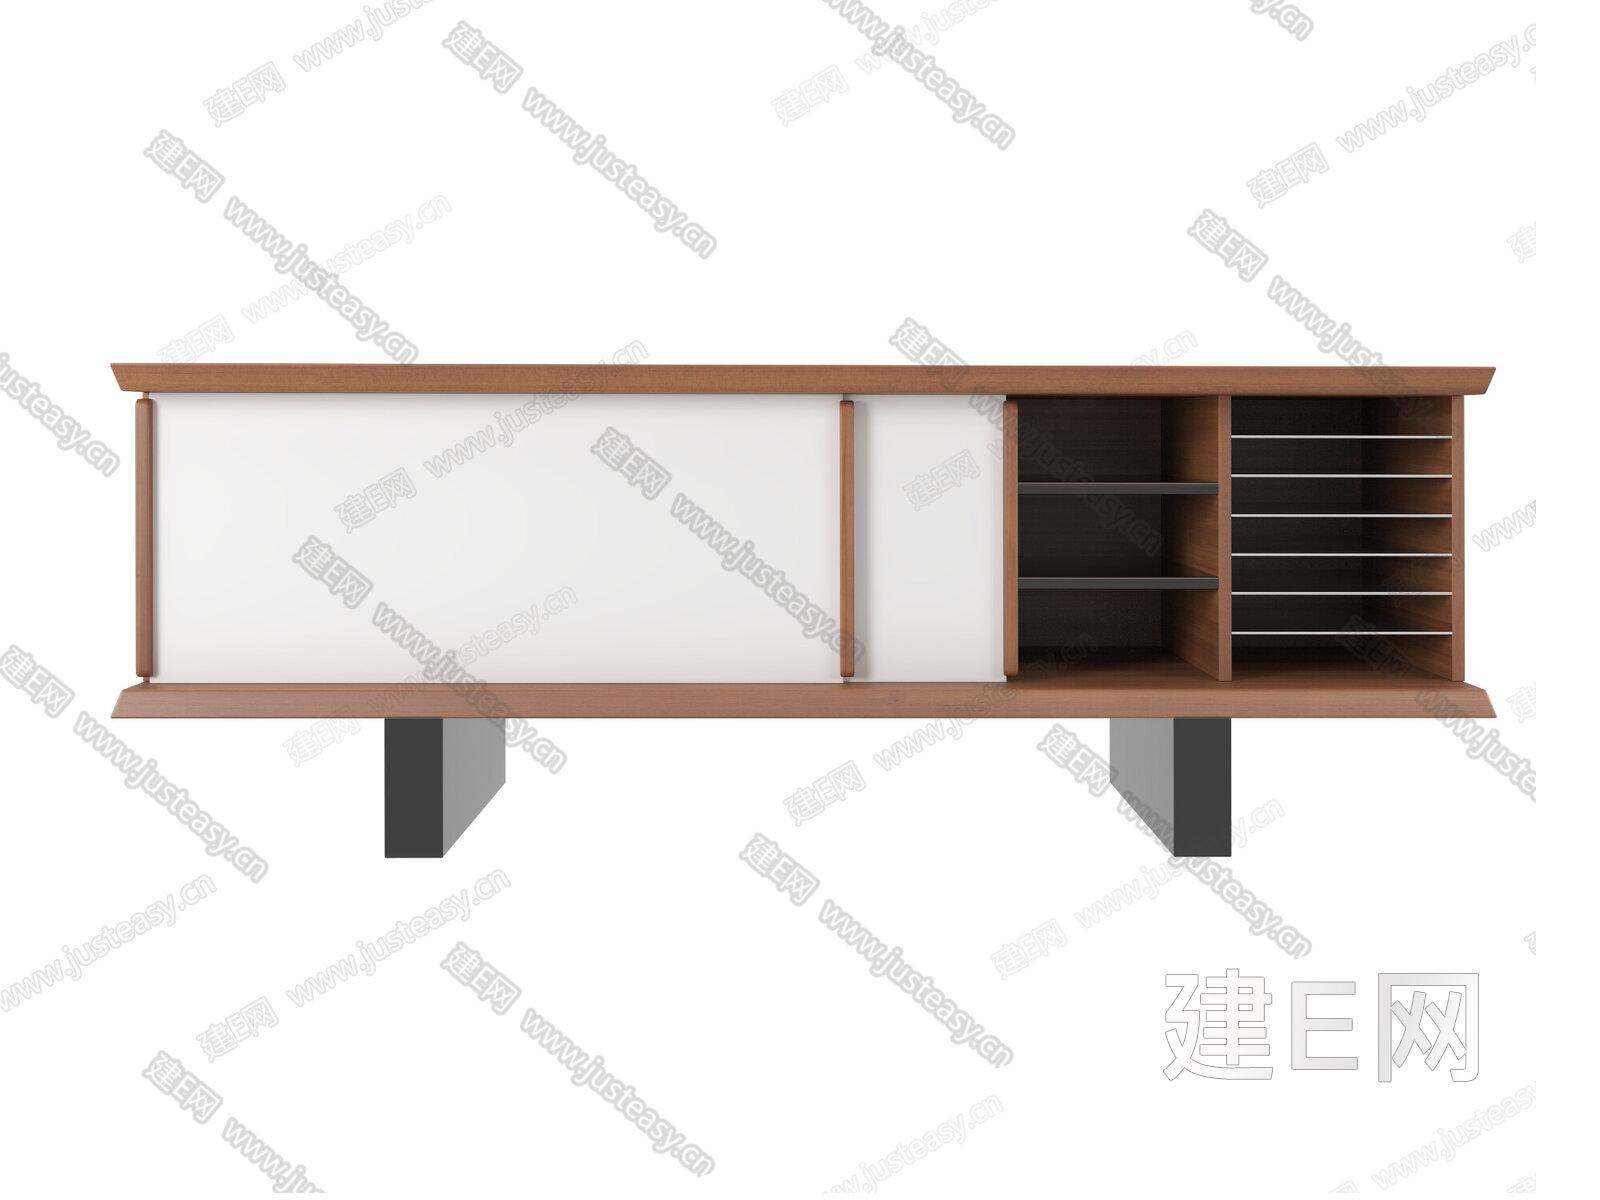 意大利 Cassina 现代电视柜3d模型